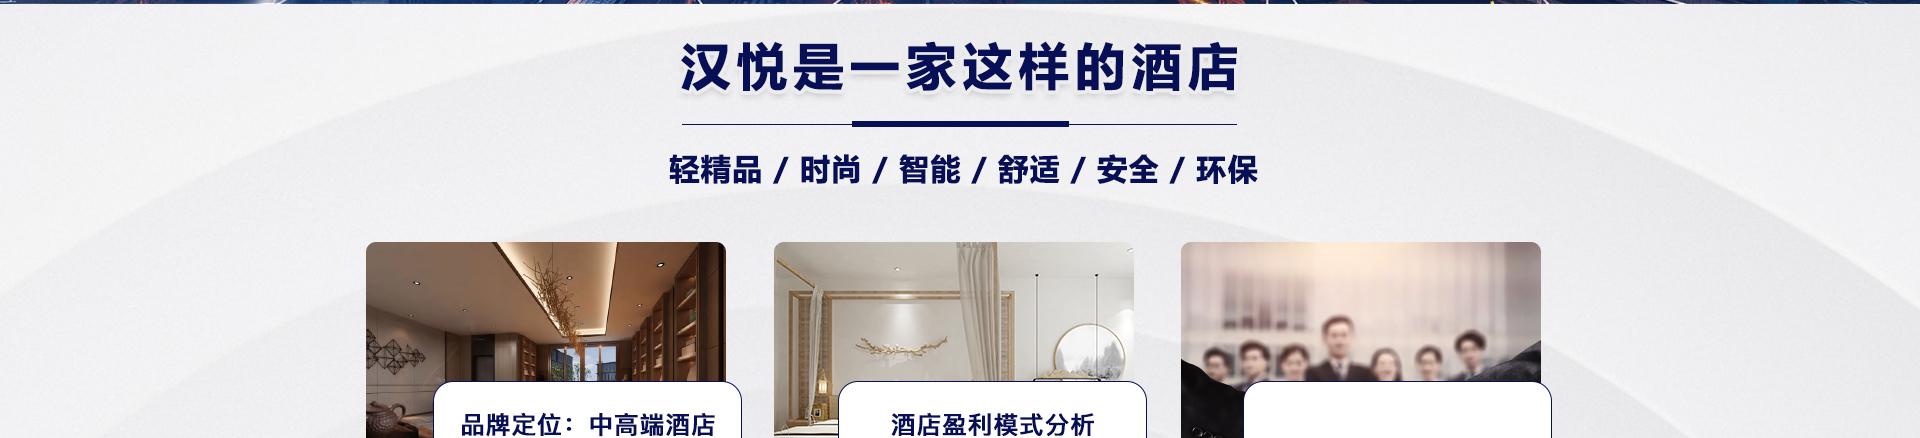 汉悦酒店hyjd_04